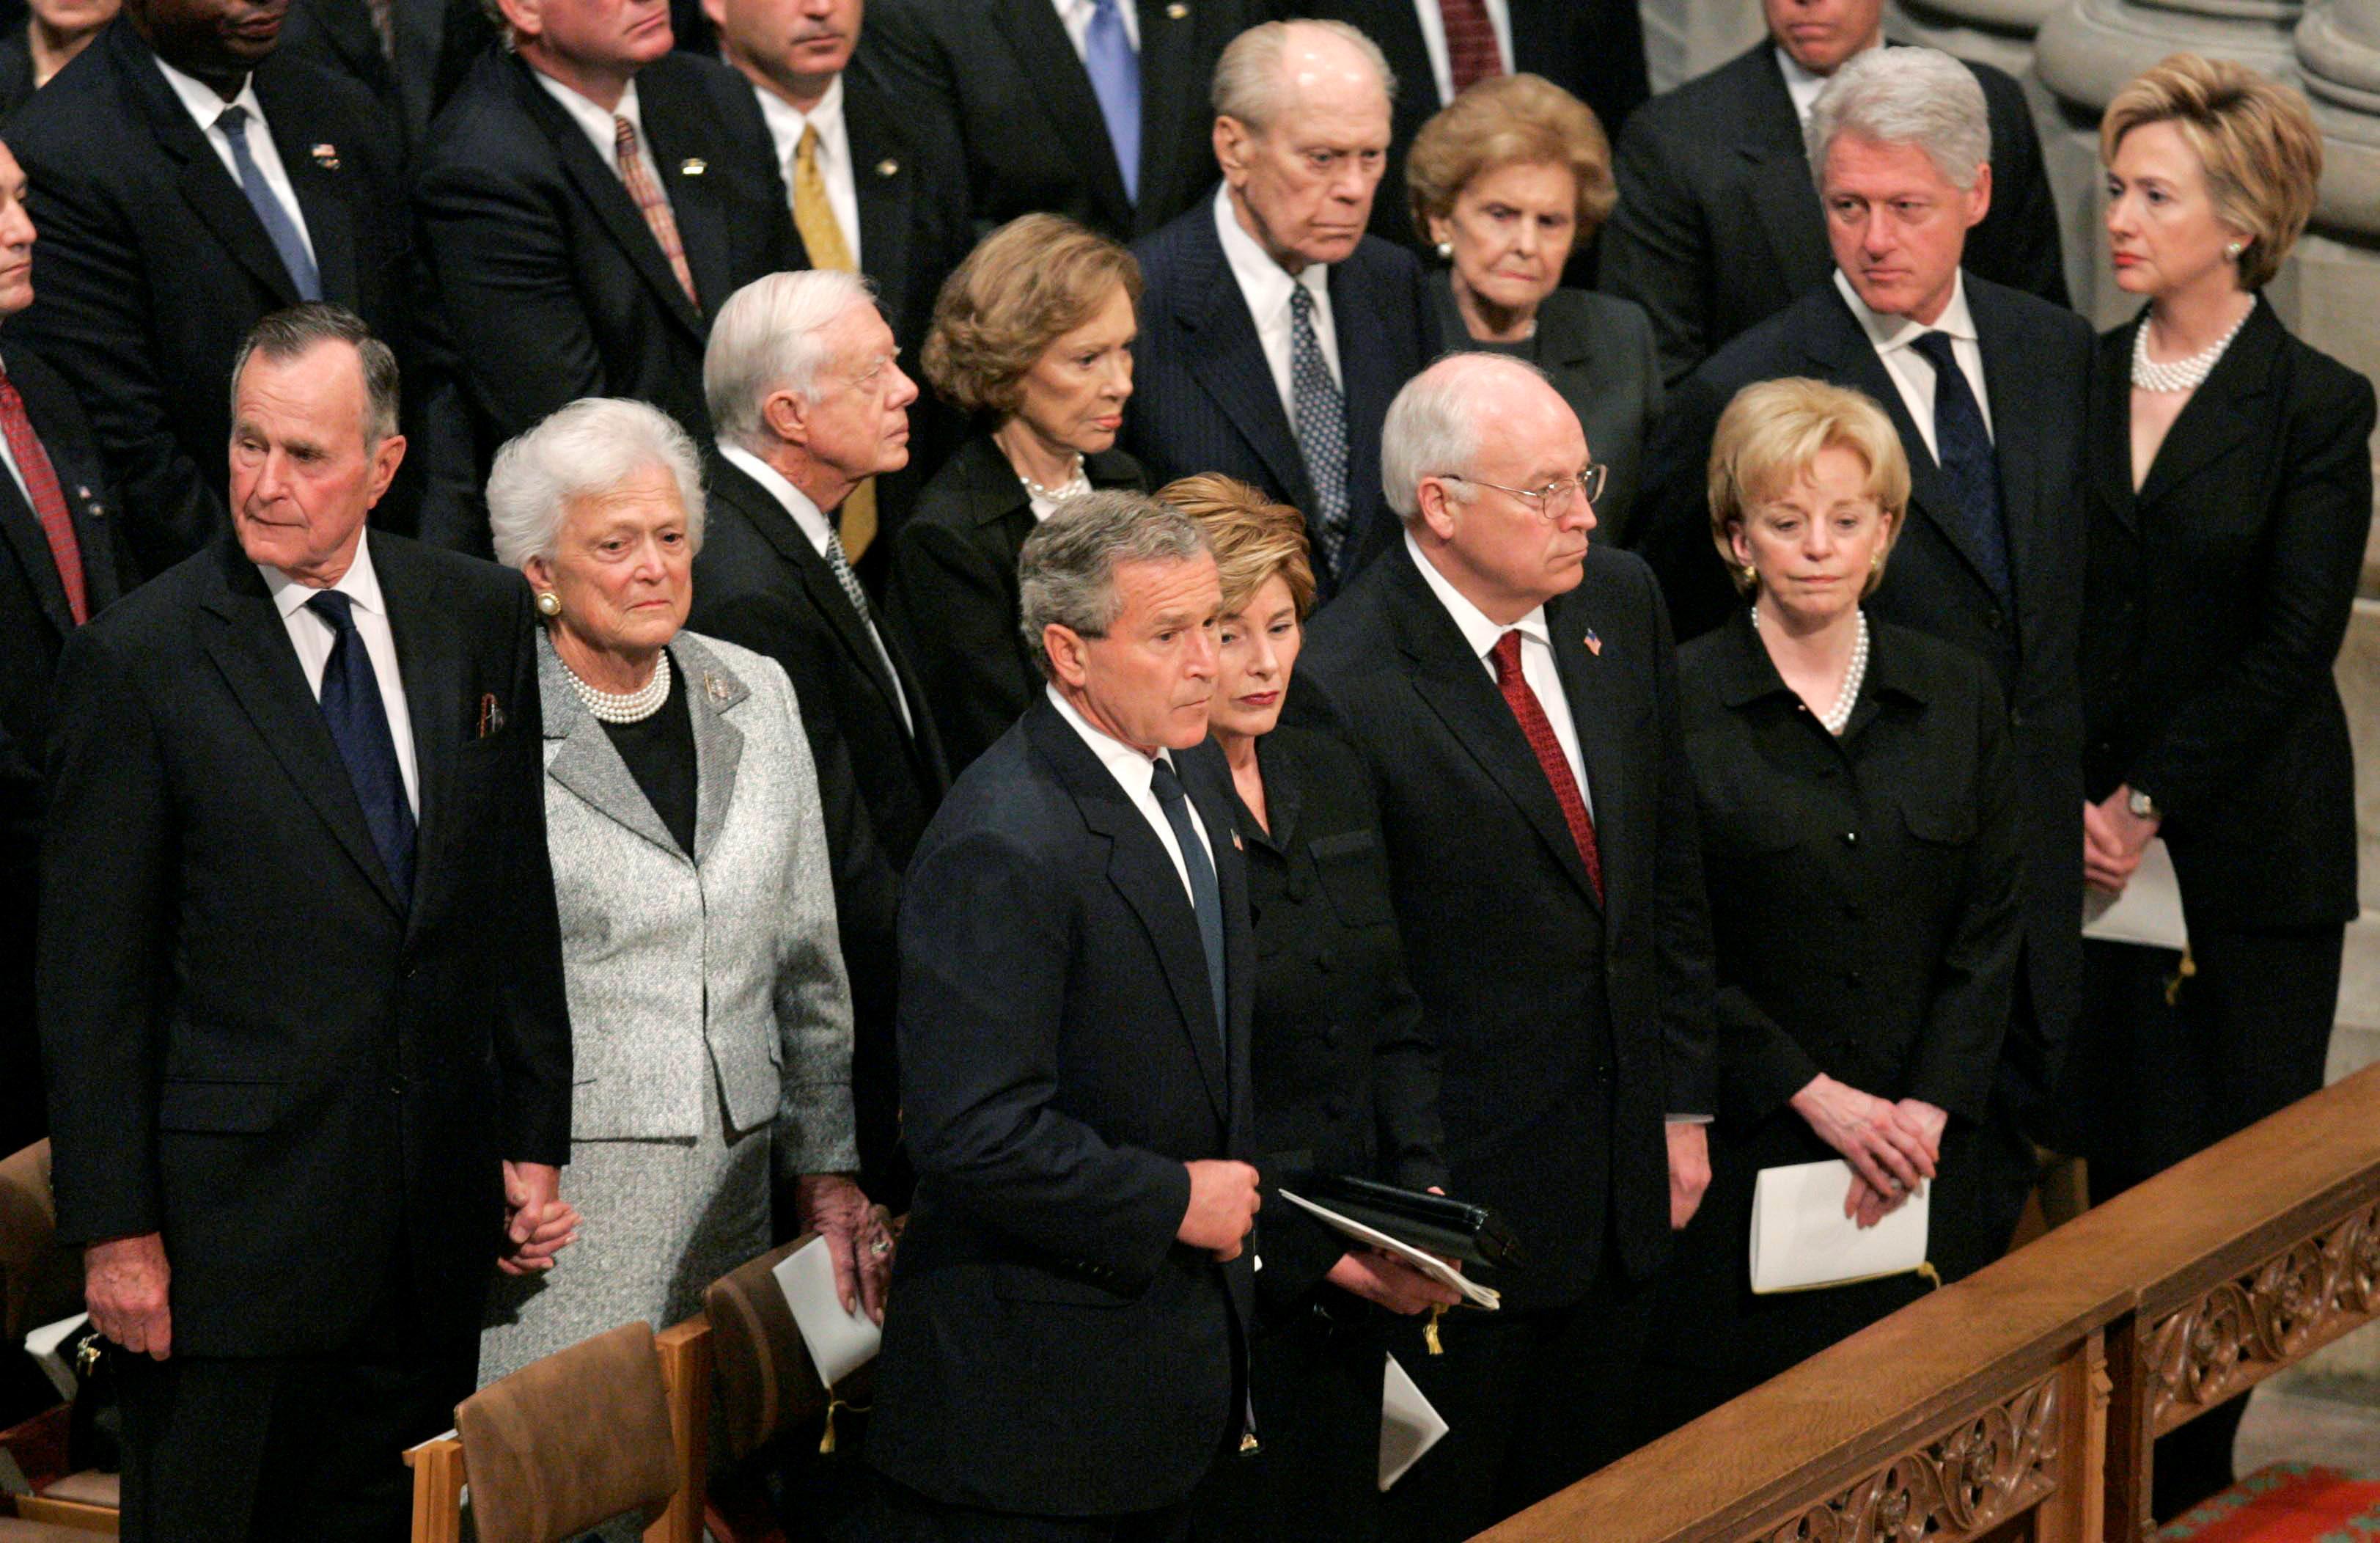 جورج بوش الأب  الرئيس الأمريكى الأسبق  (1)